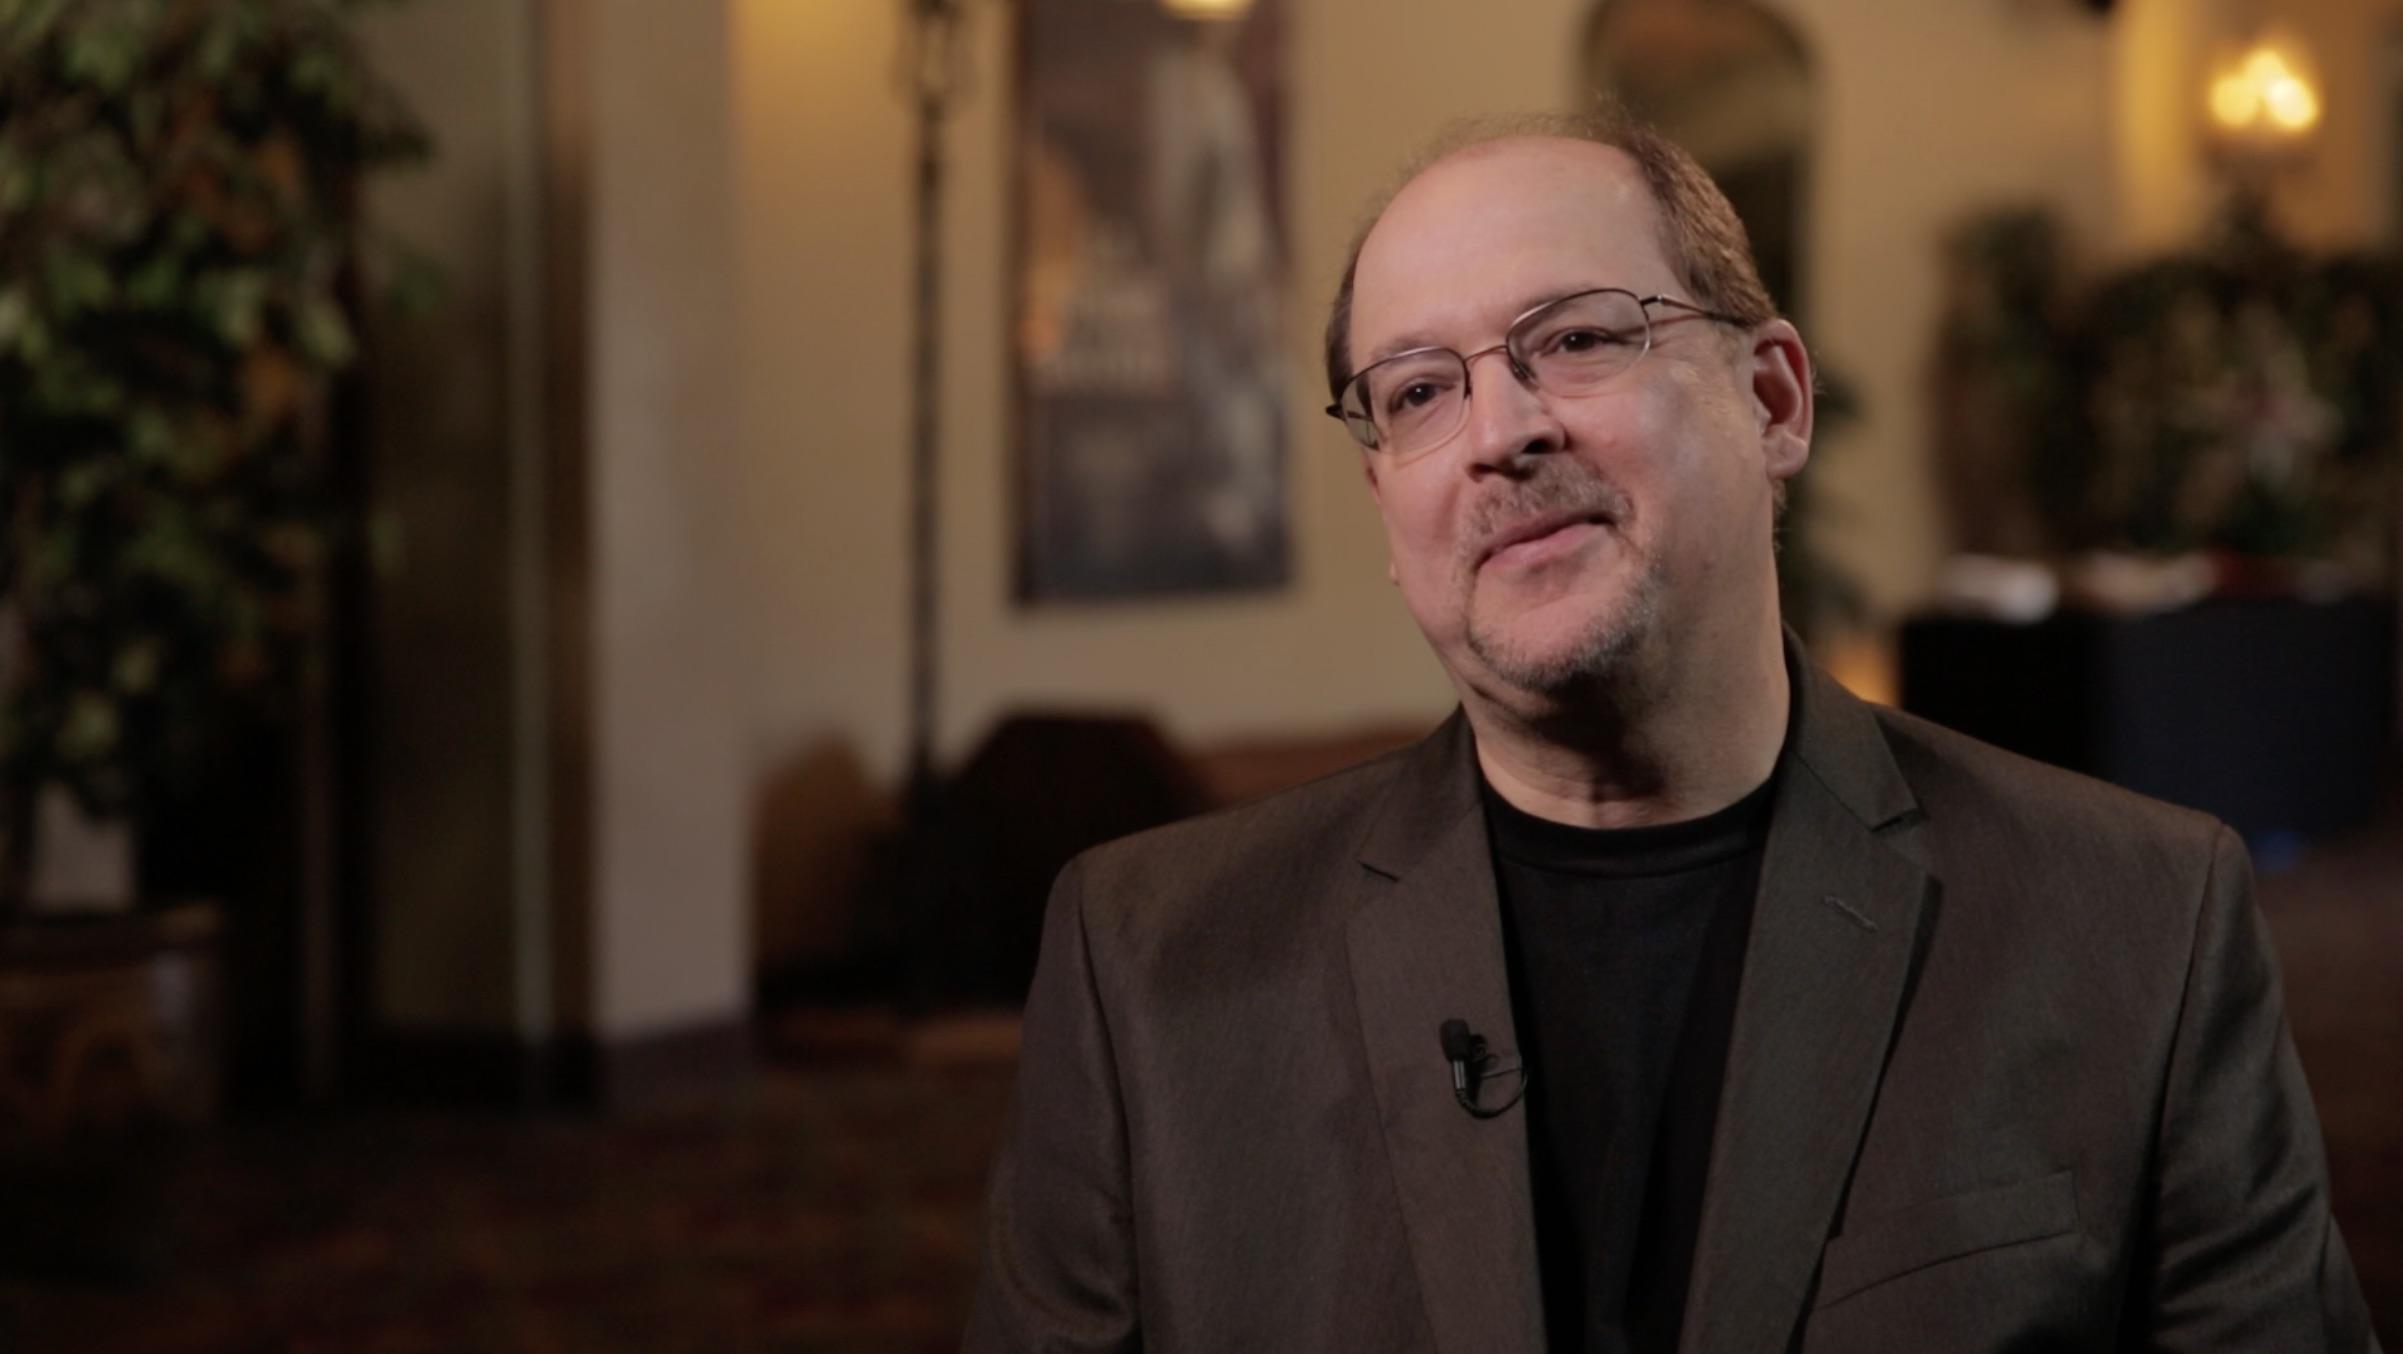 Interview with Thomas Gladysz